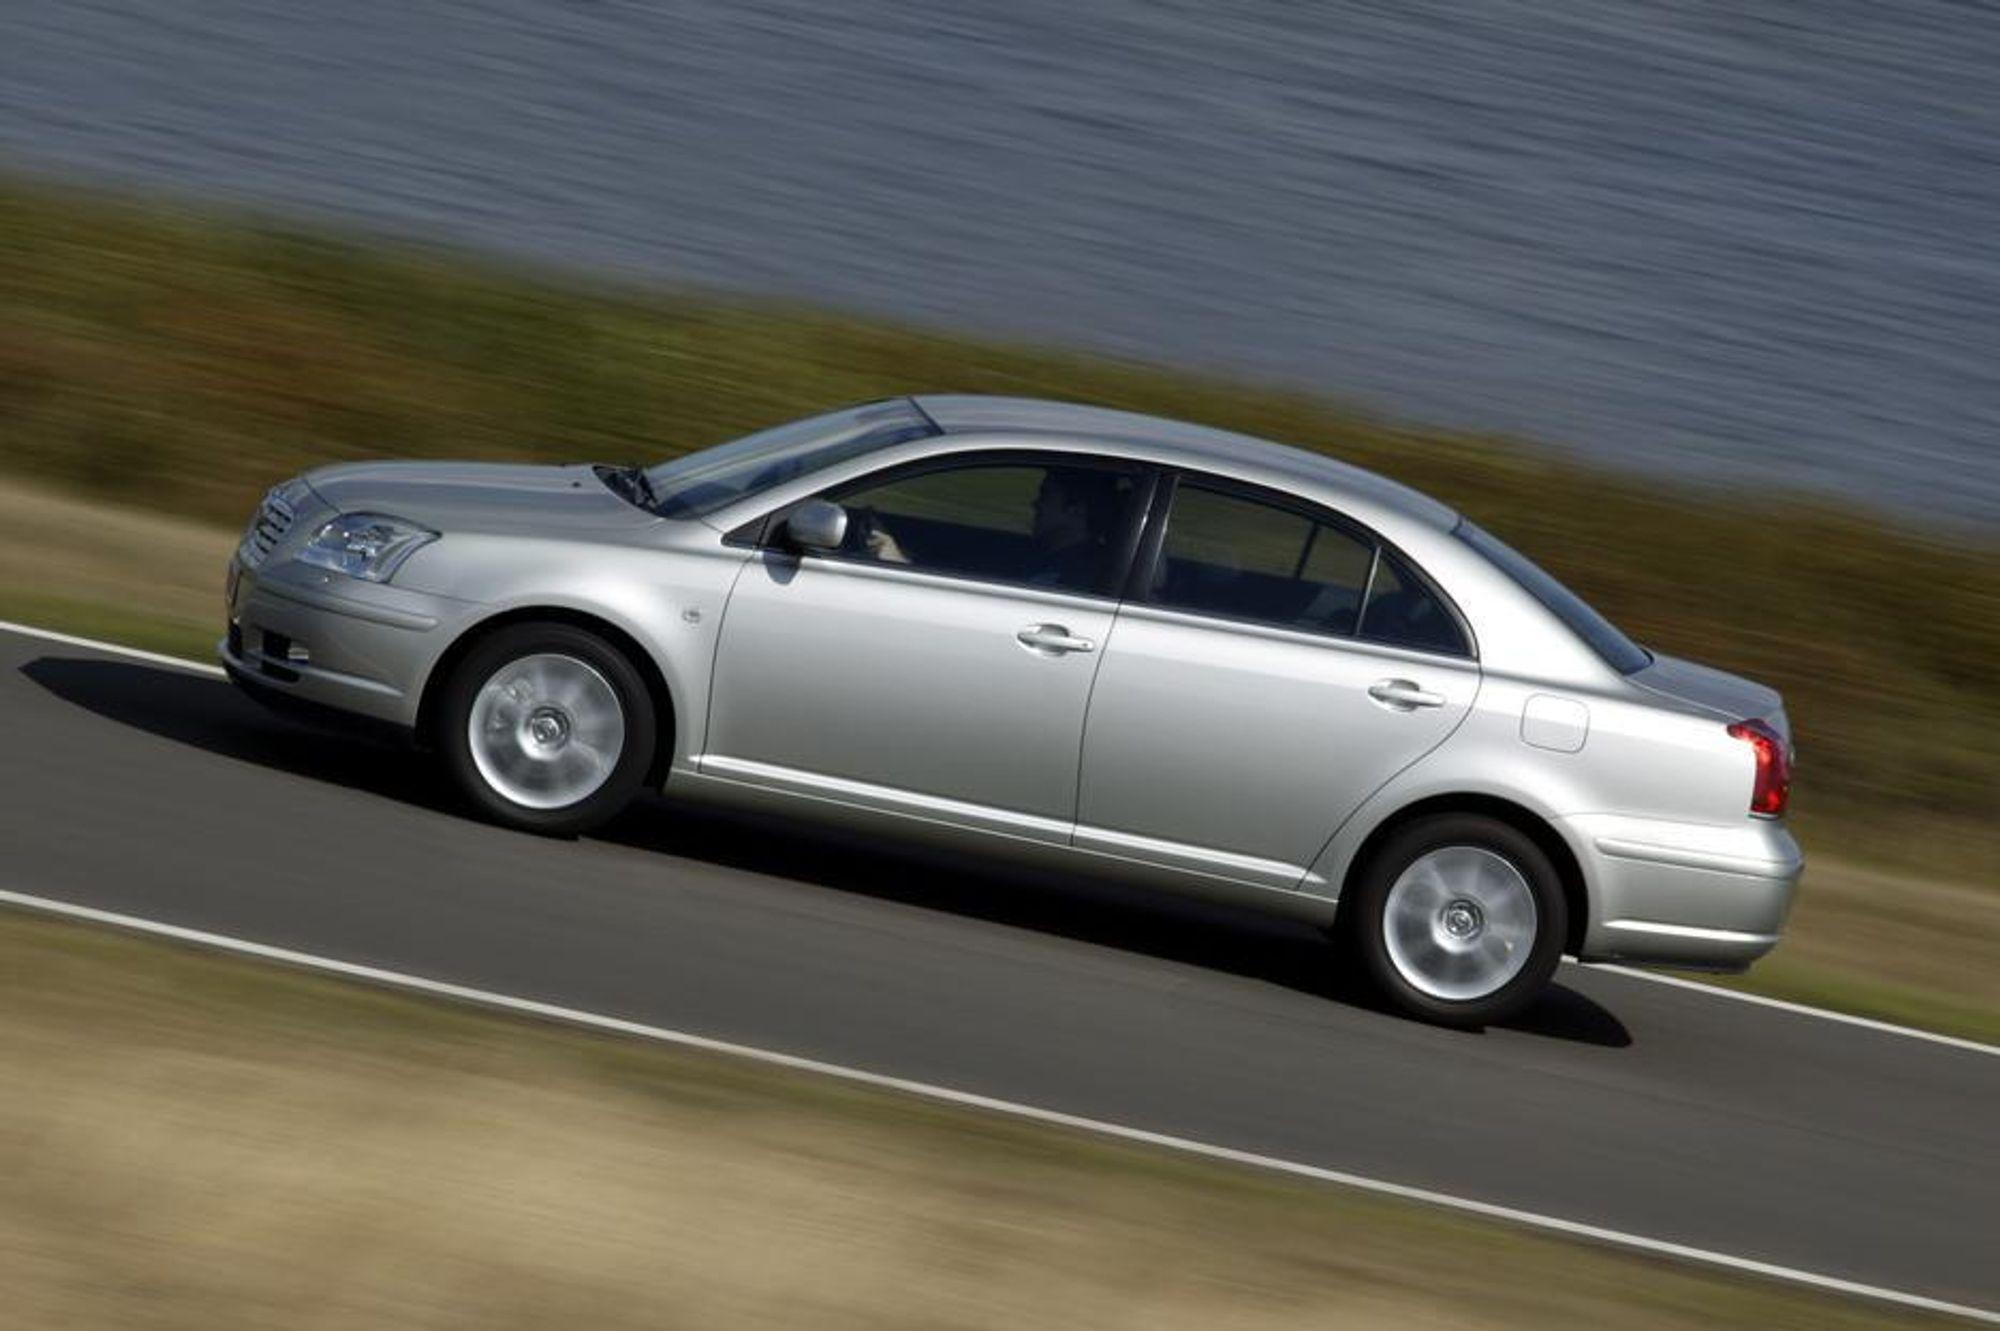 RENSET: Avensis 2005 kan snart levers med verdens reneste dieselmotor, men foreløpig bare i land med dieseldrivstoff der svovelinnholdet er under 50 ppm. Tyskland og UK får biler først.